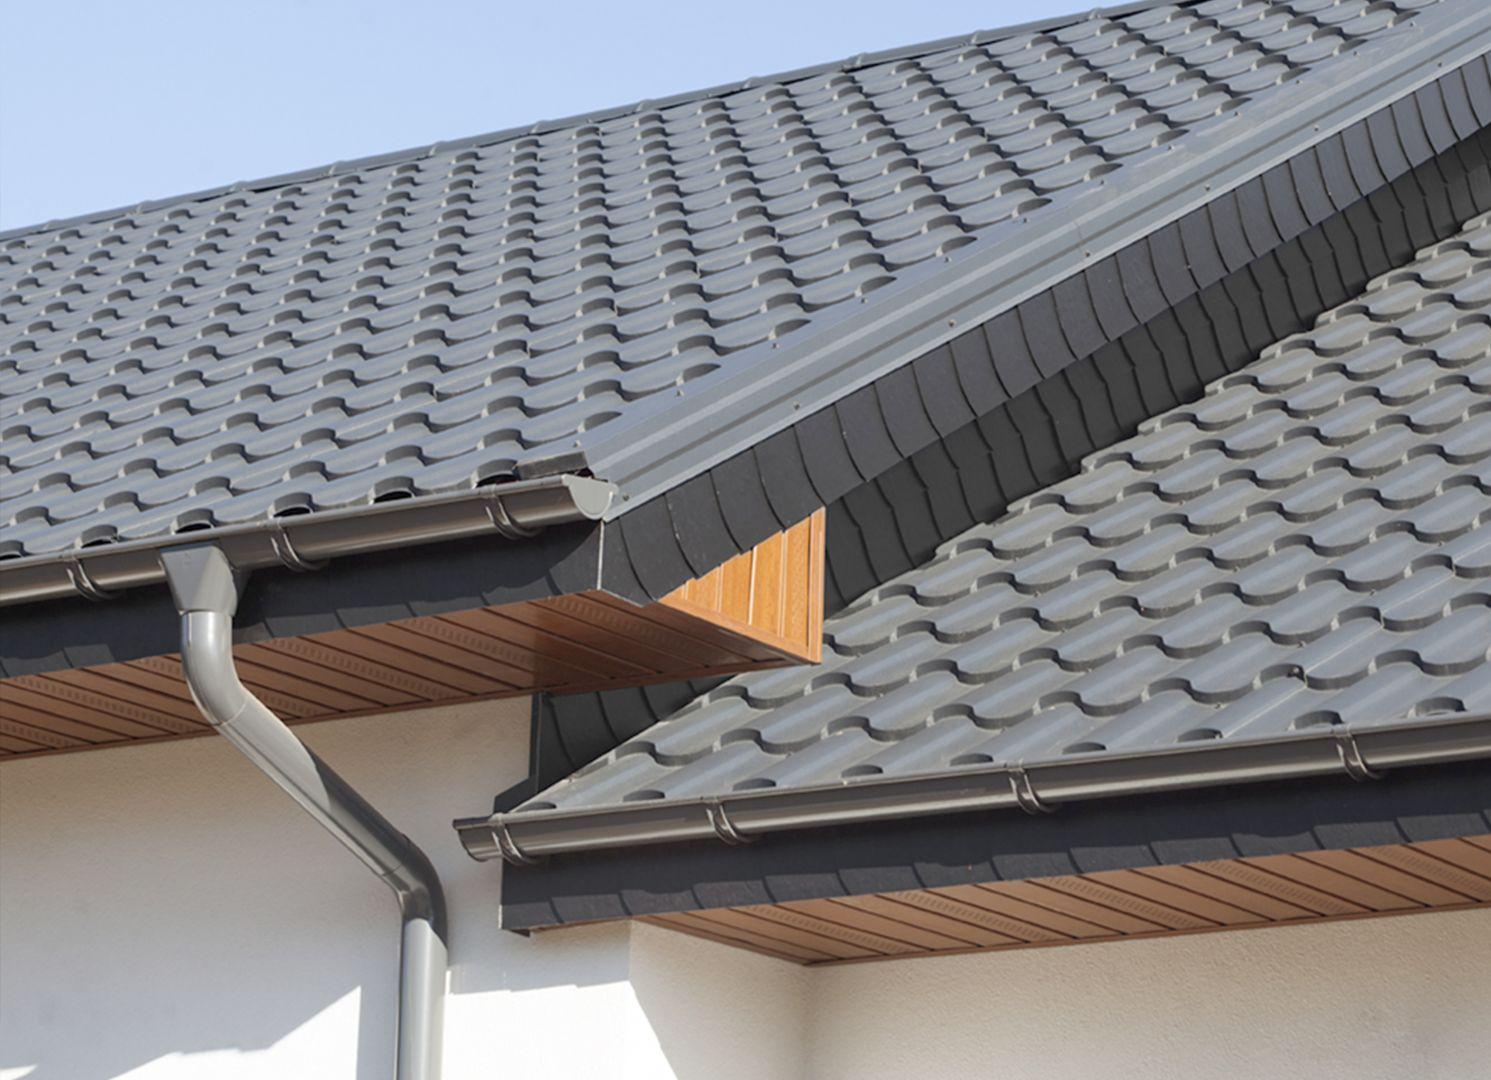 Prawidłowy montaż systemu rynnowego to gwarancja jego niezawodnego działania. Systemy rynnowe obejmują kompletny zestaw akcesoriów, dzięki czemu odprowadzanie wody z dachów może działać efektywnie. Fot. Ruukki